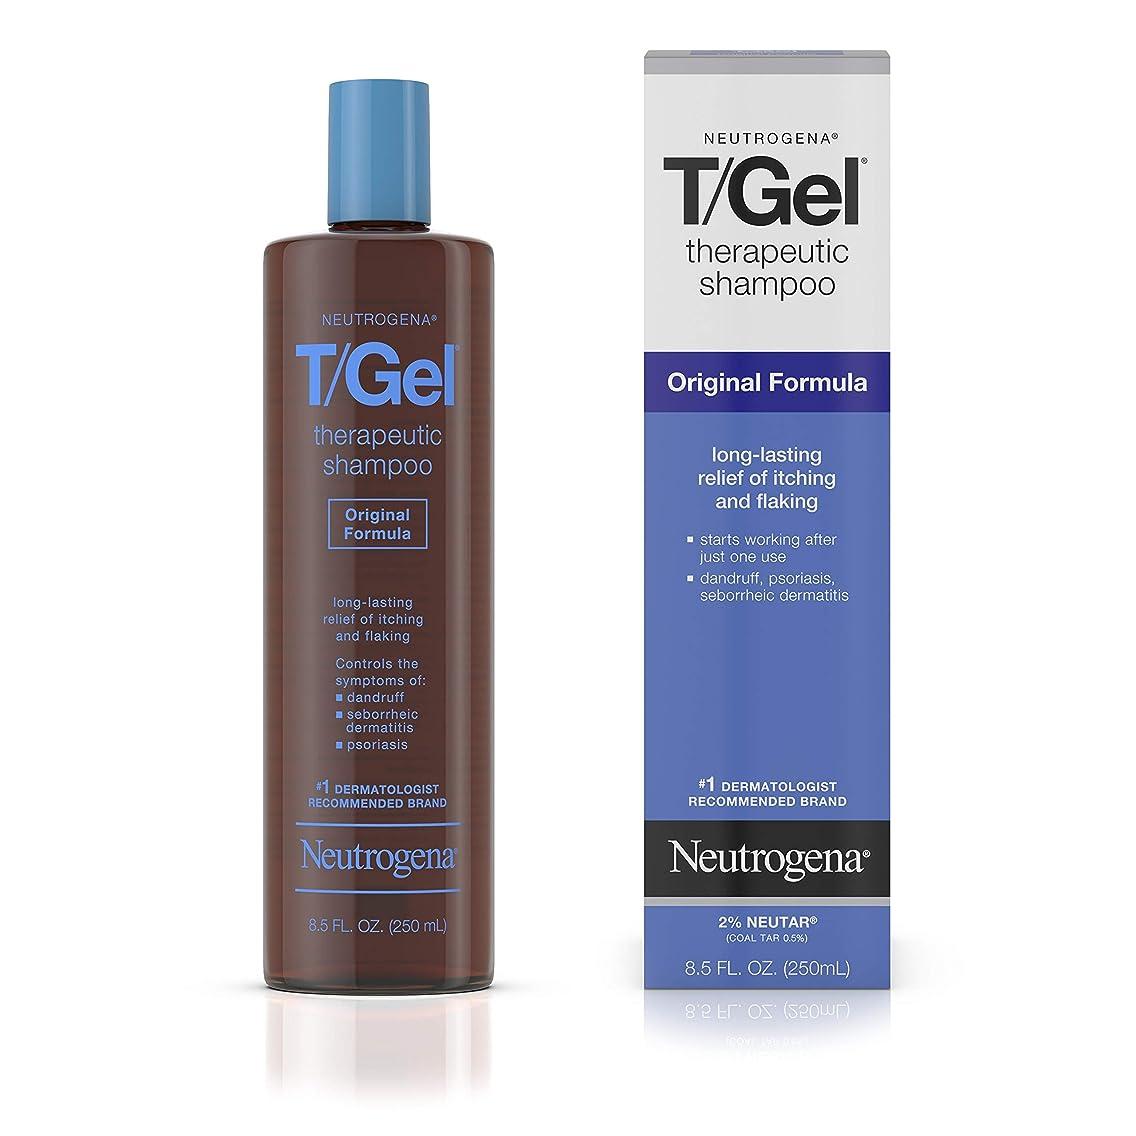 配分マーティンルーサーキングジュニア保守可能Neutrogena T/Gel Shampoo Original 250 ml (並行輸入品)